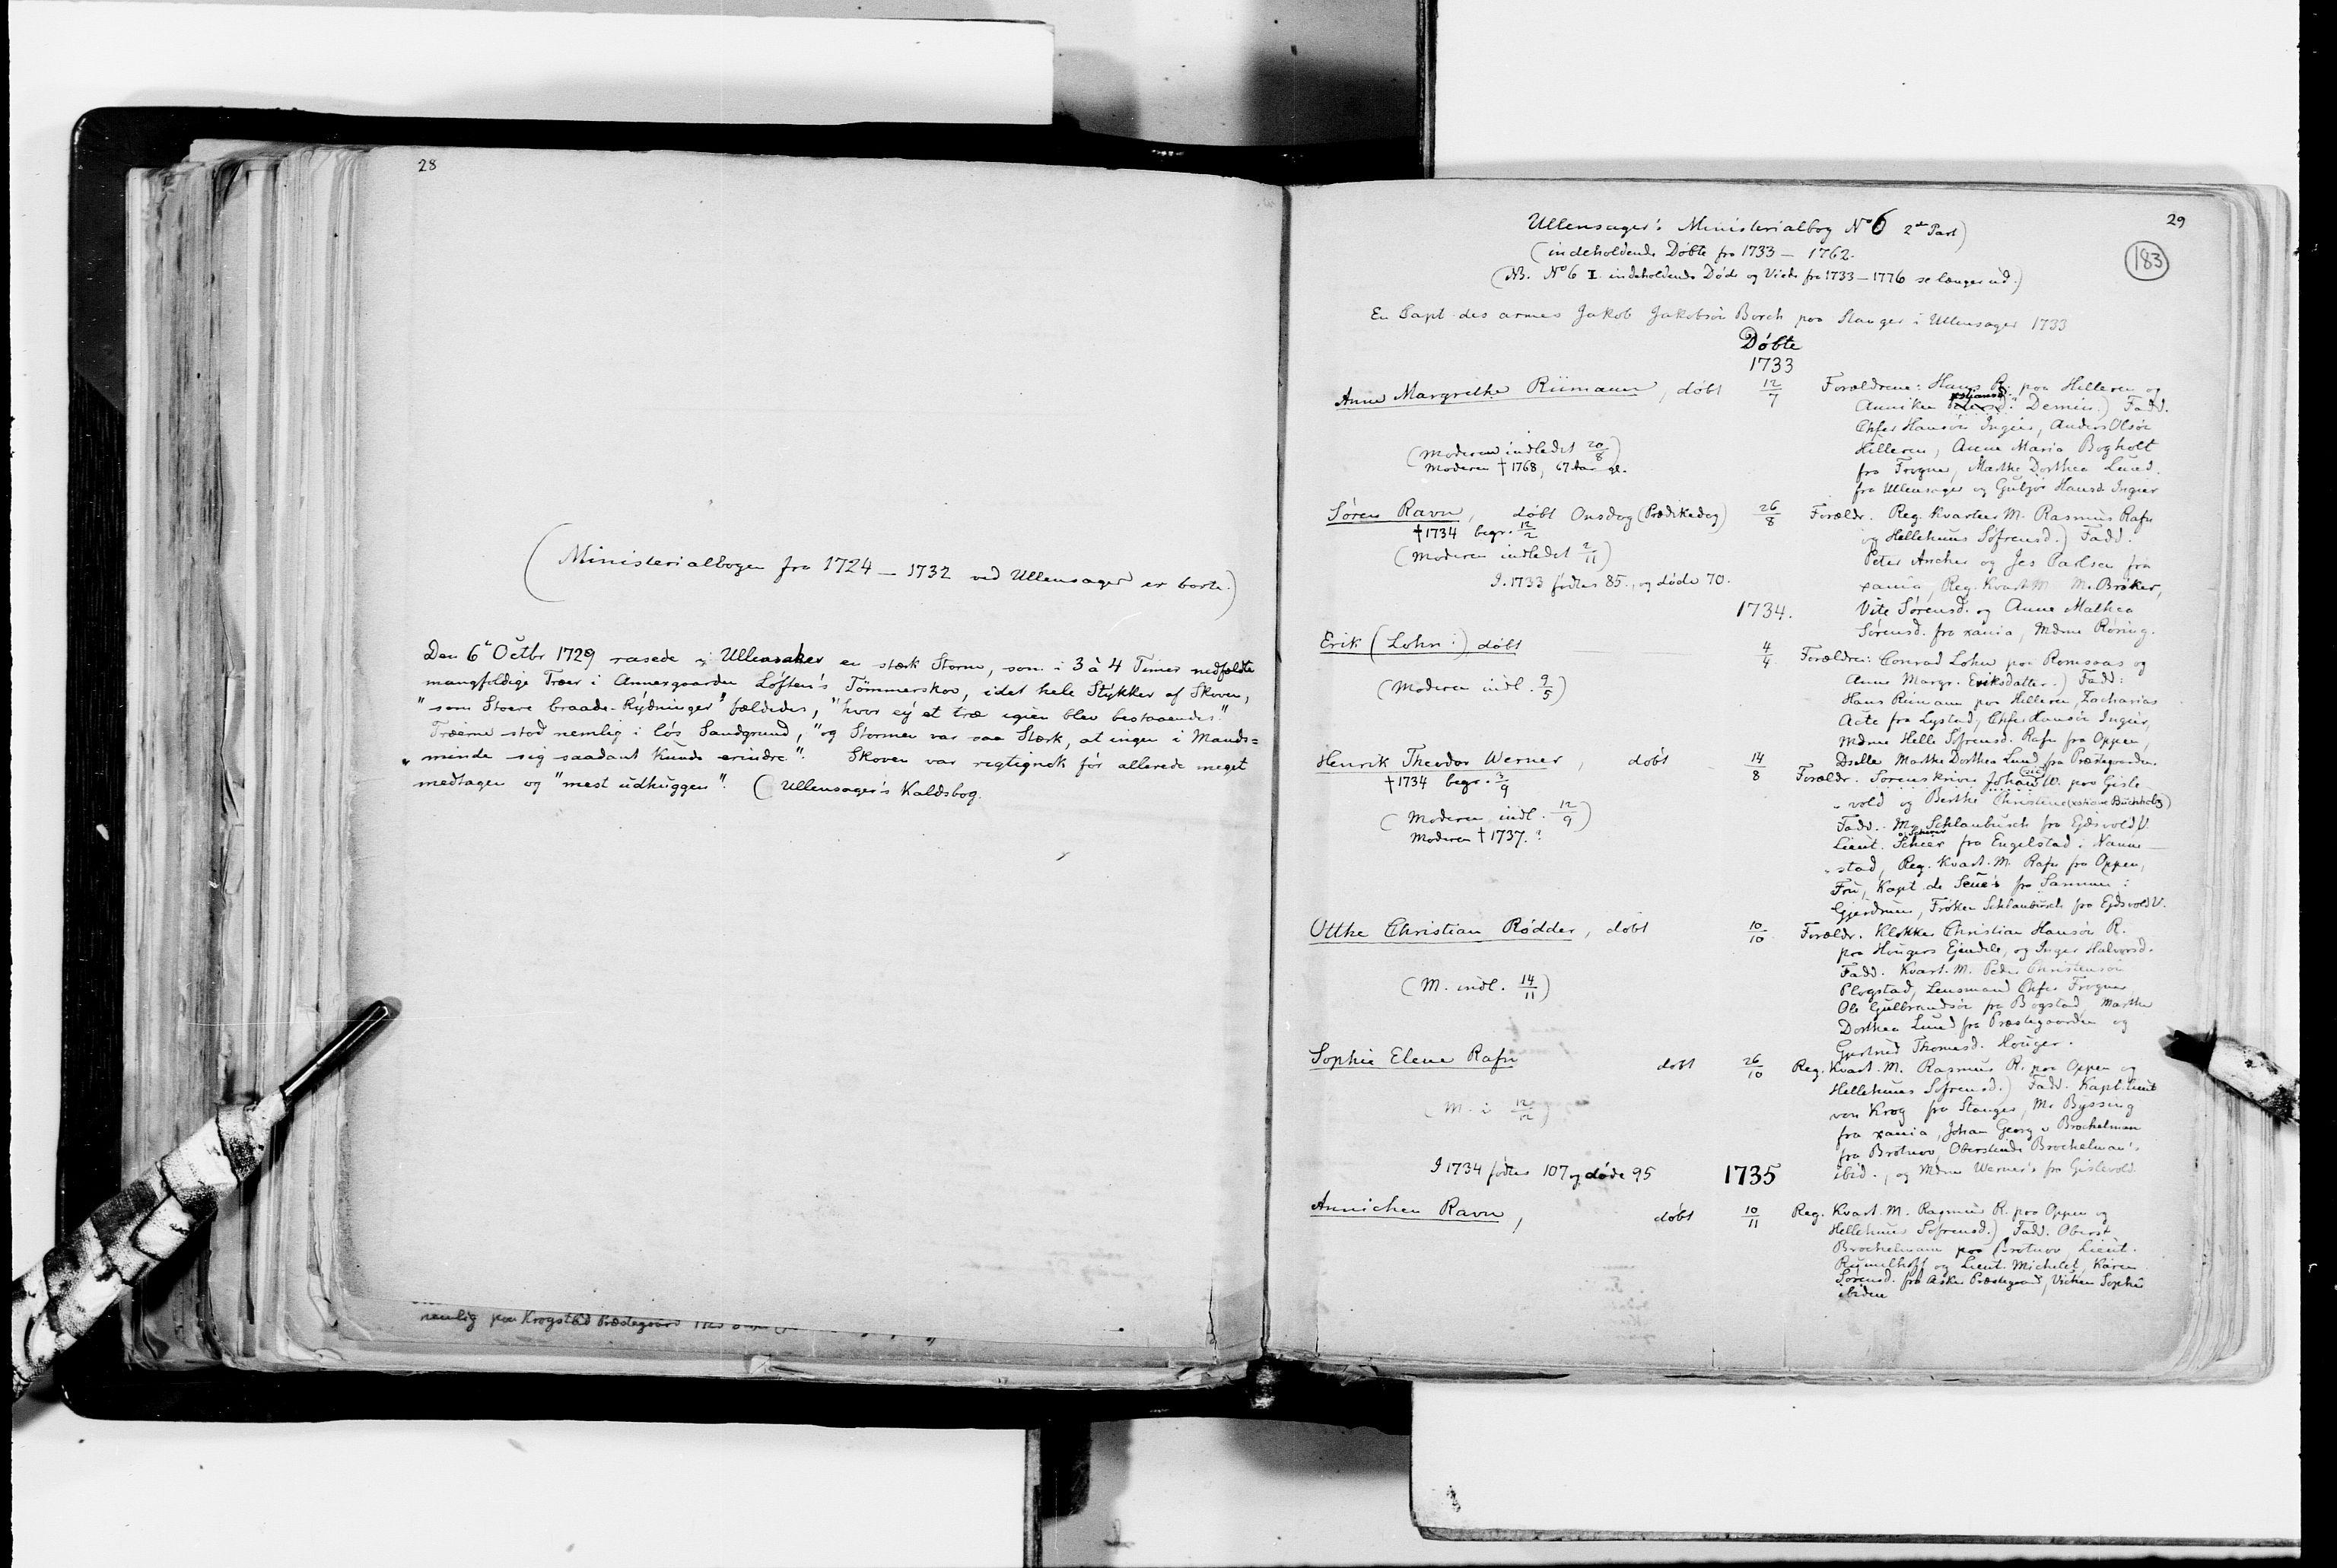 RA, Lassens samlinger, F/Fc, s. 183